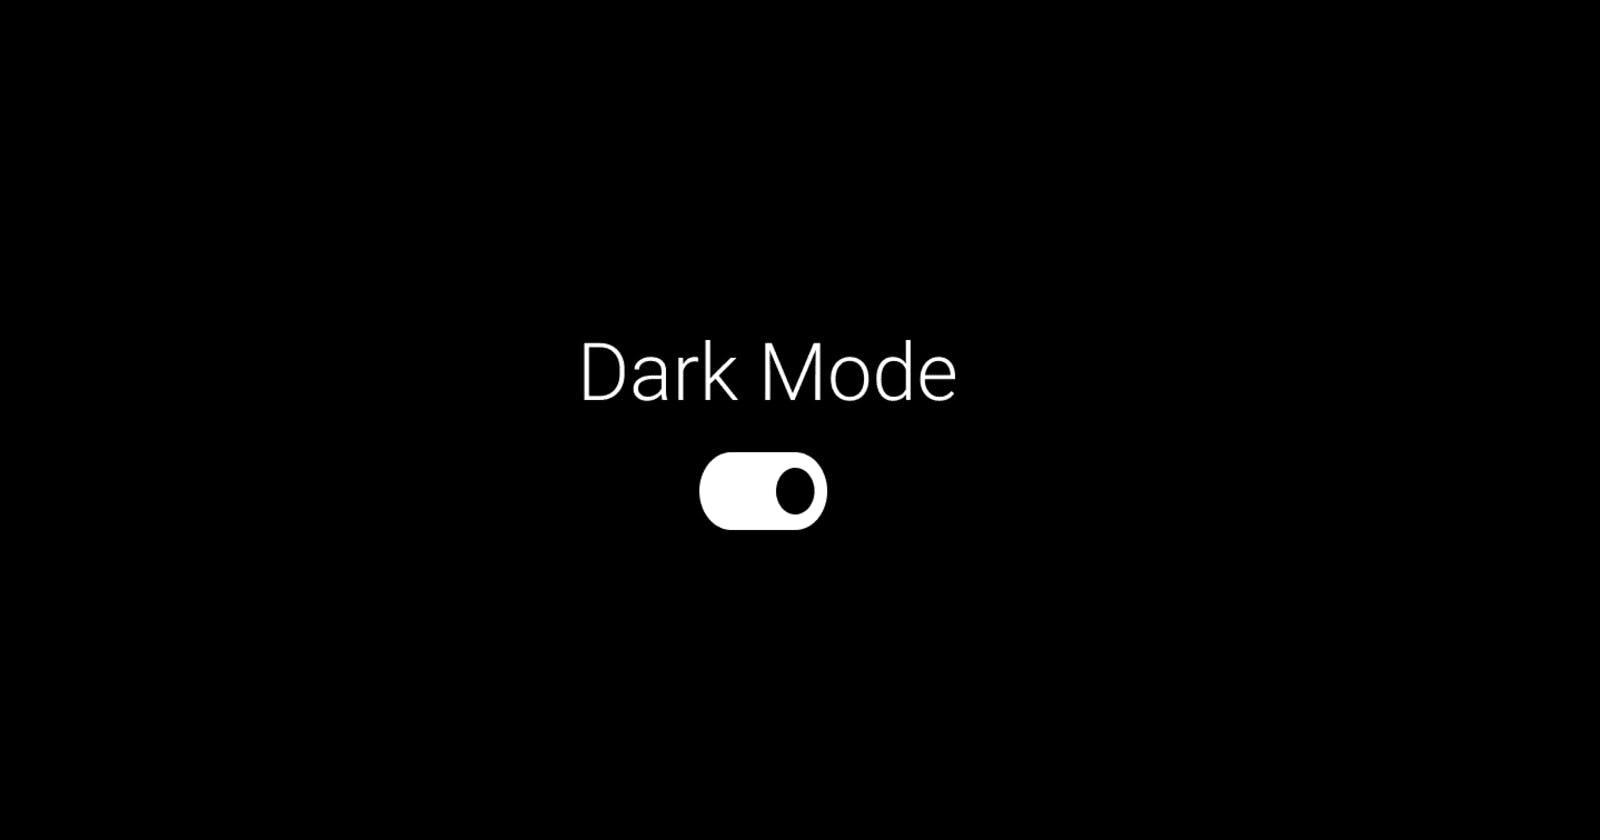 Ways websites implement dark mode